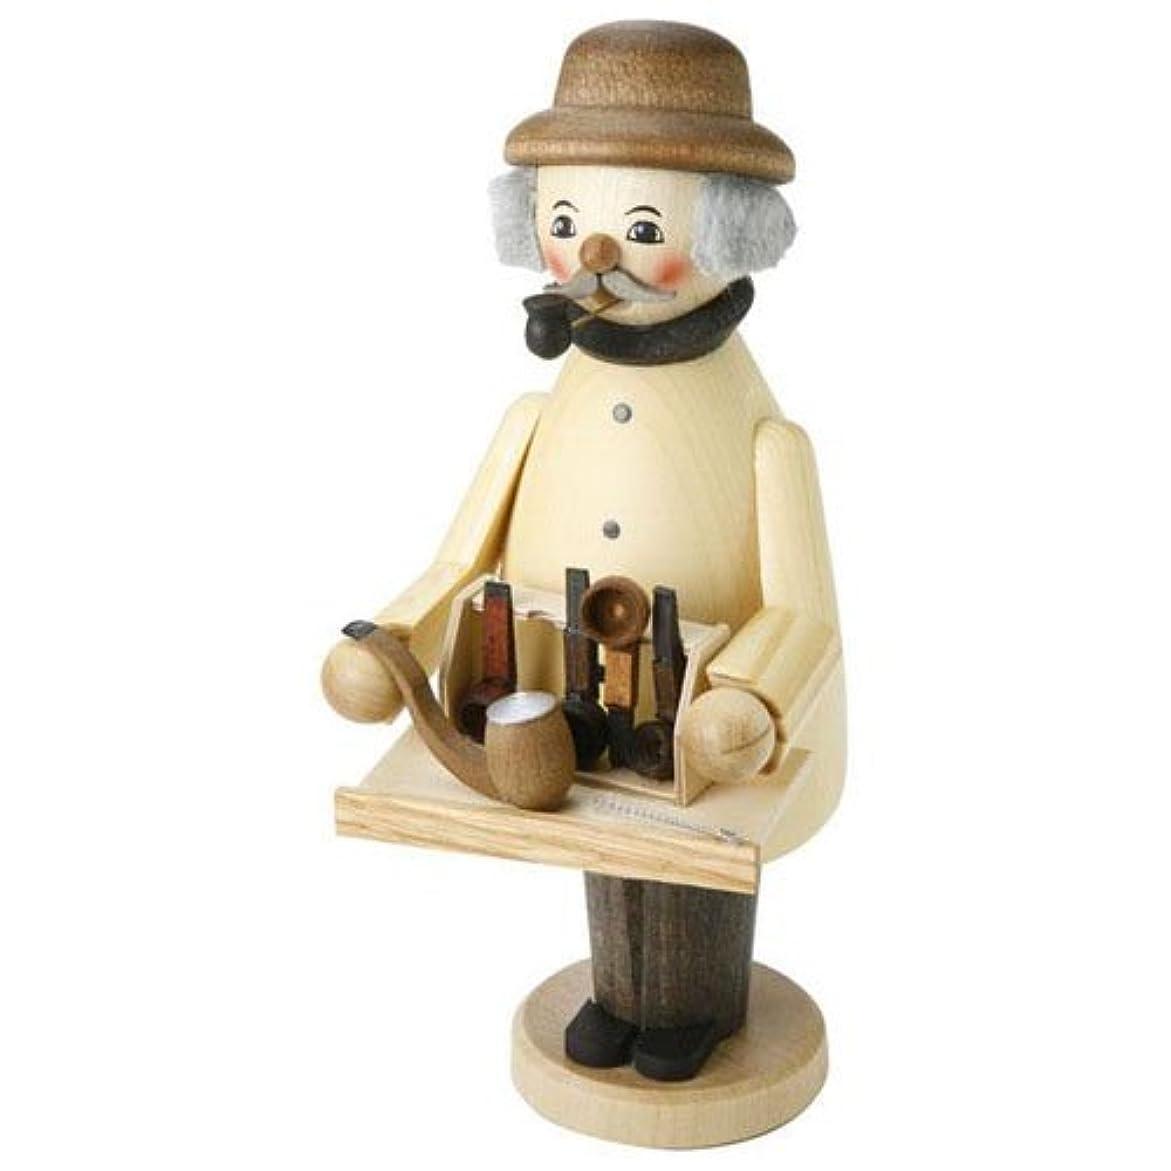 ホールド不名誉なスパークkuhnert ミニパイプ人形香炉 パイプ売り